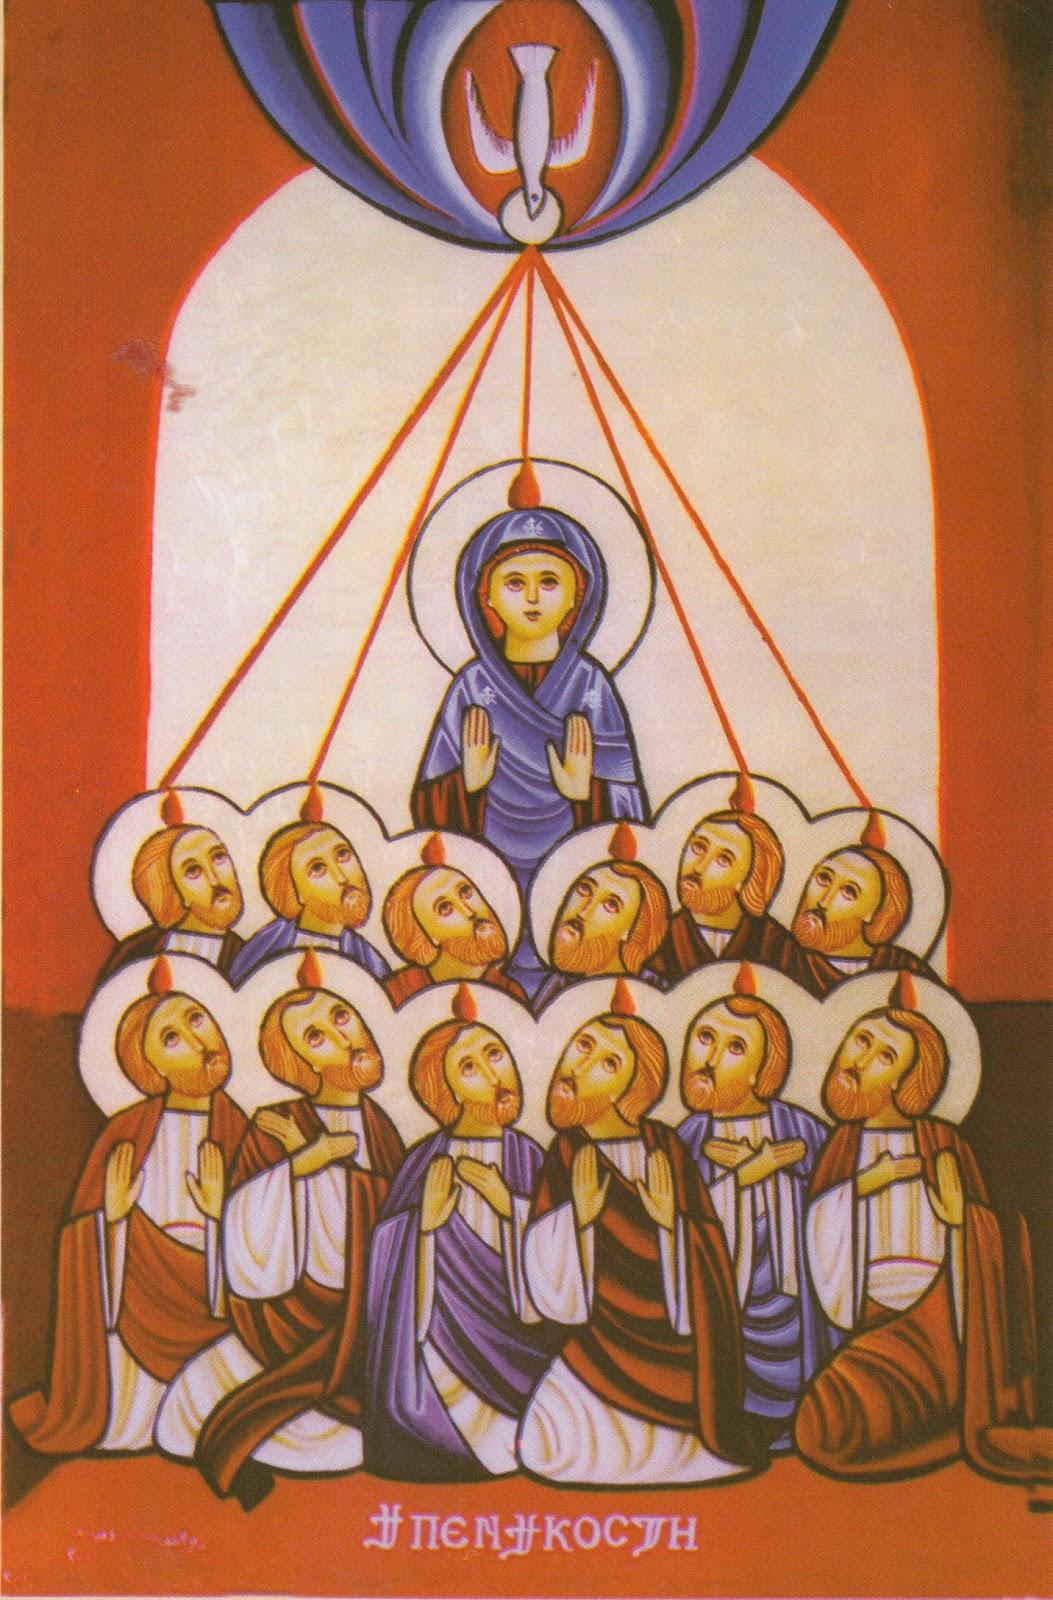 Pentecost dans immagini sacre Pentecost+Coptic